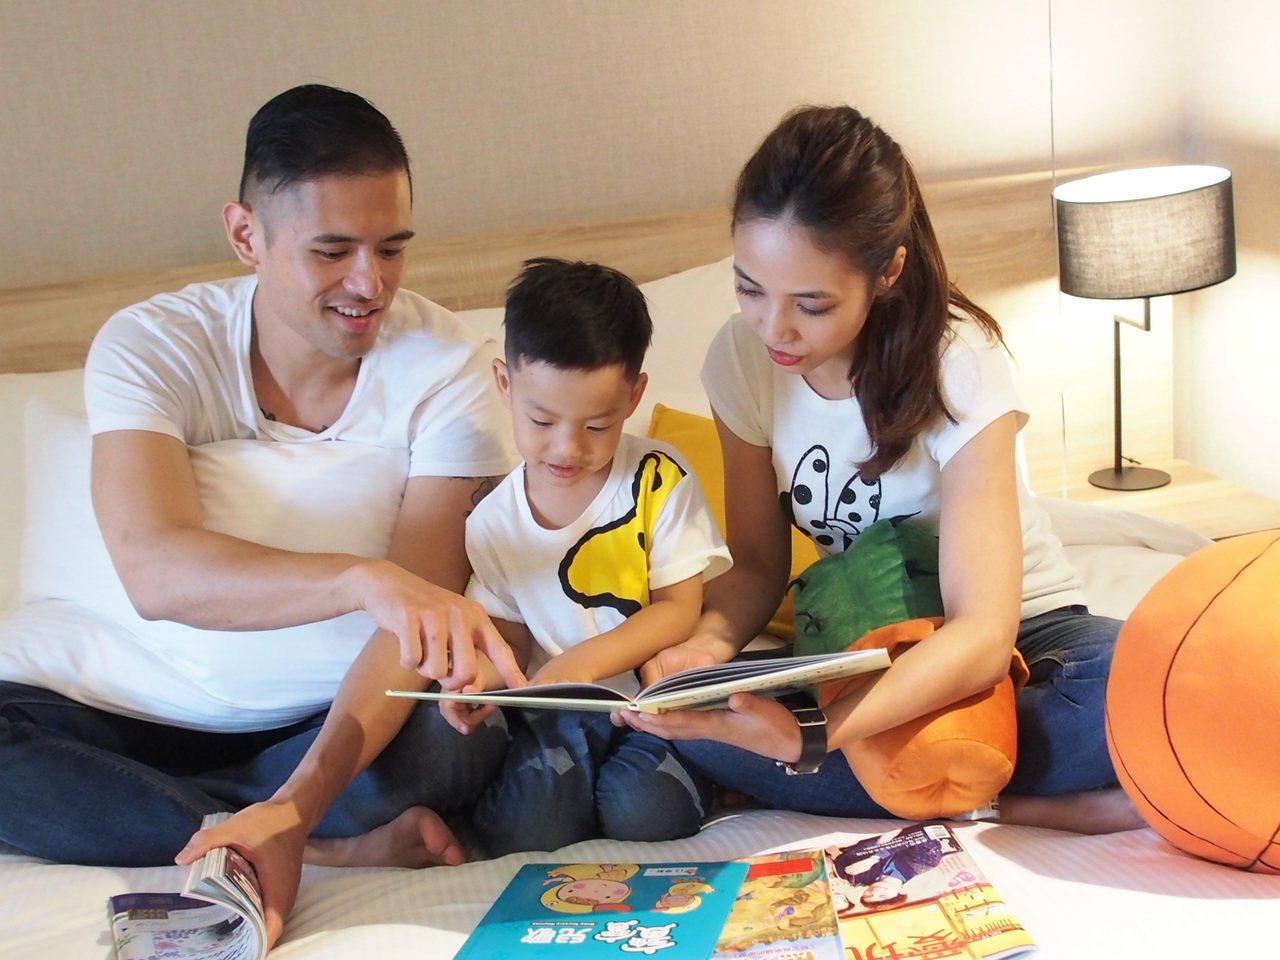 暑假不少父母,帶孩子到飯店放鬆、度假享樂。圖/竹湖暐順麗緻文旅提供